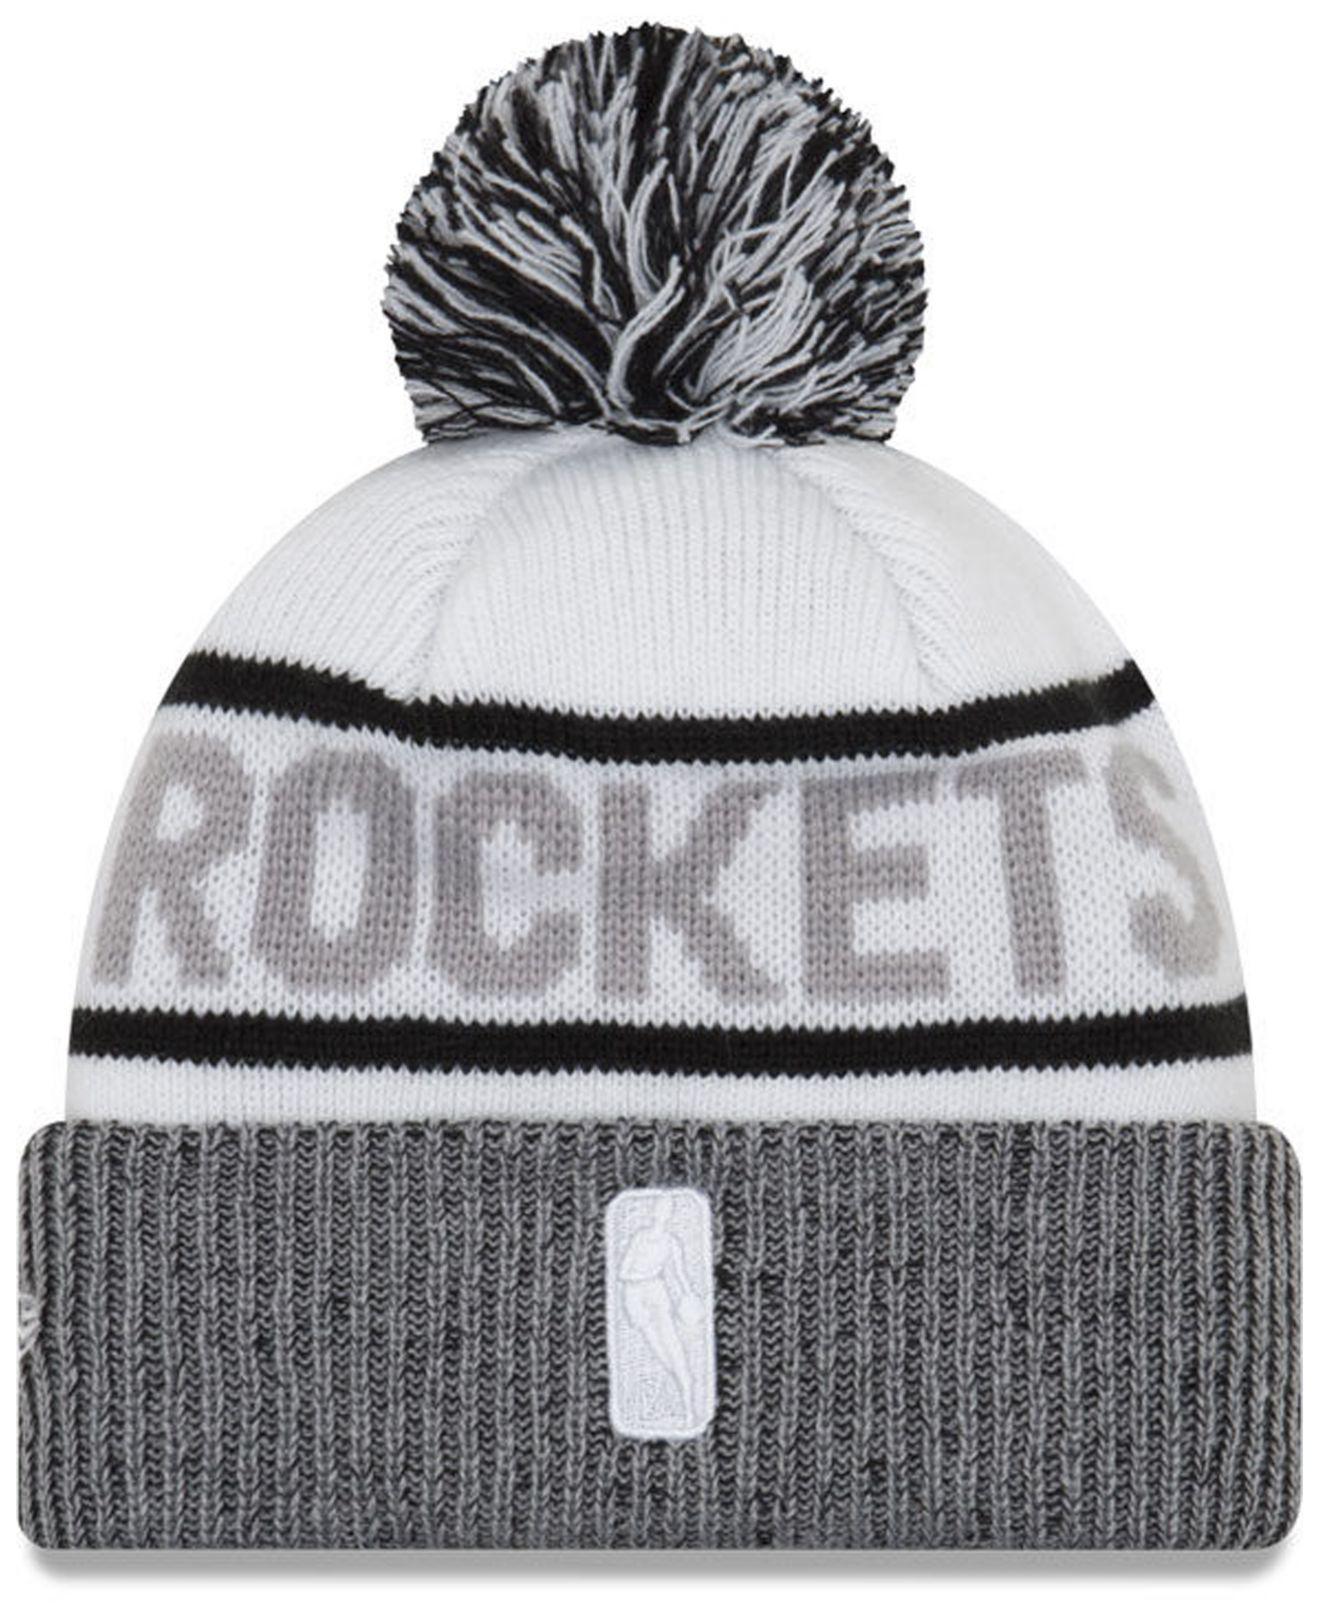 quality design d1bd1 c4a6c ... australia lyst ktz houston rockets court force pom knit hat in white  for men 2838f 2d5c2